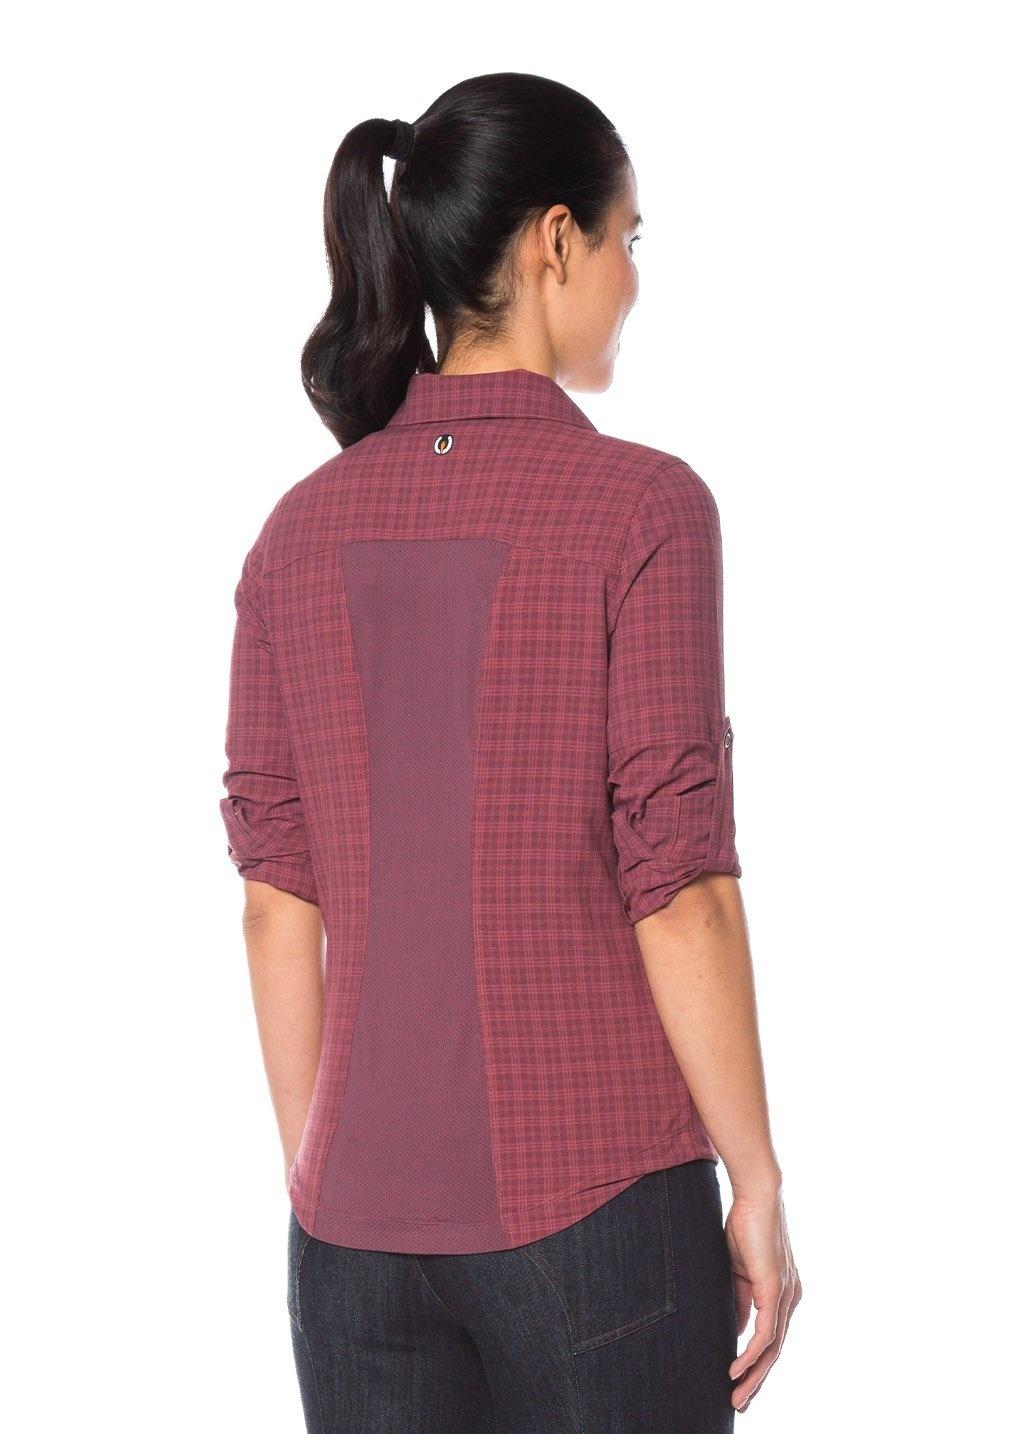 Kerrits Kerrits Shady Breeze Convertible Shirt